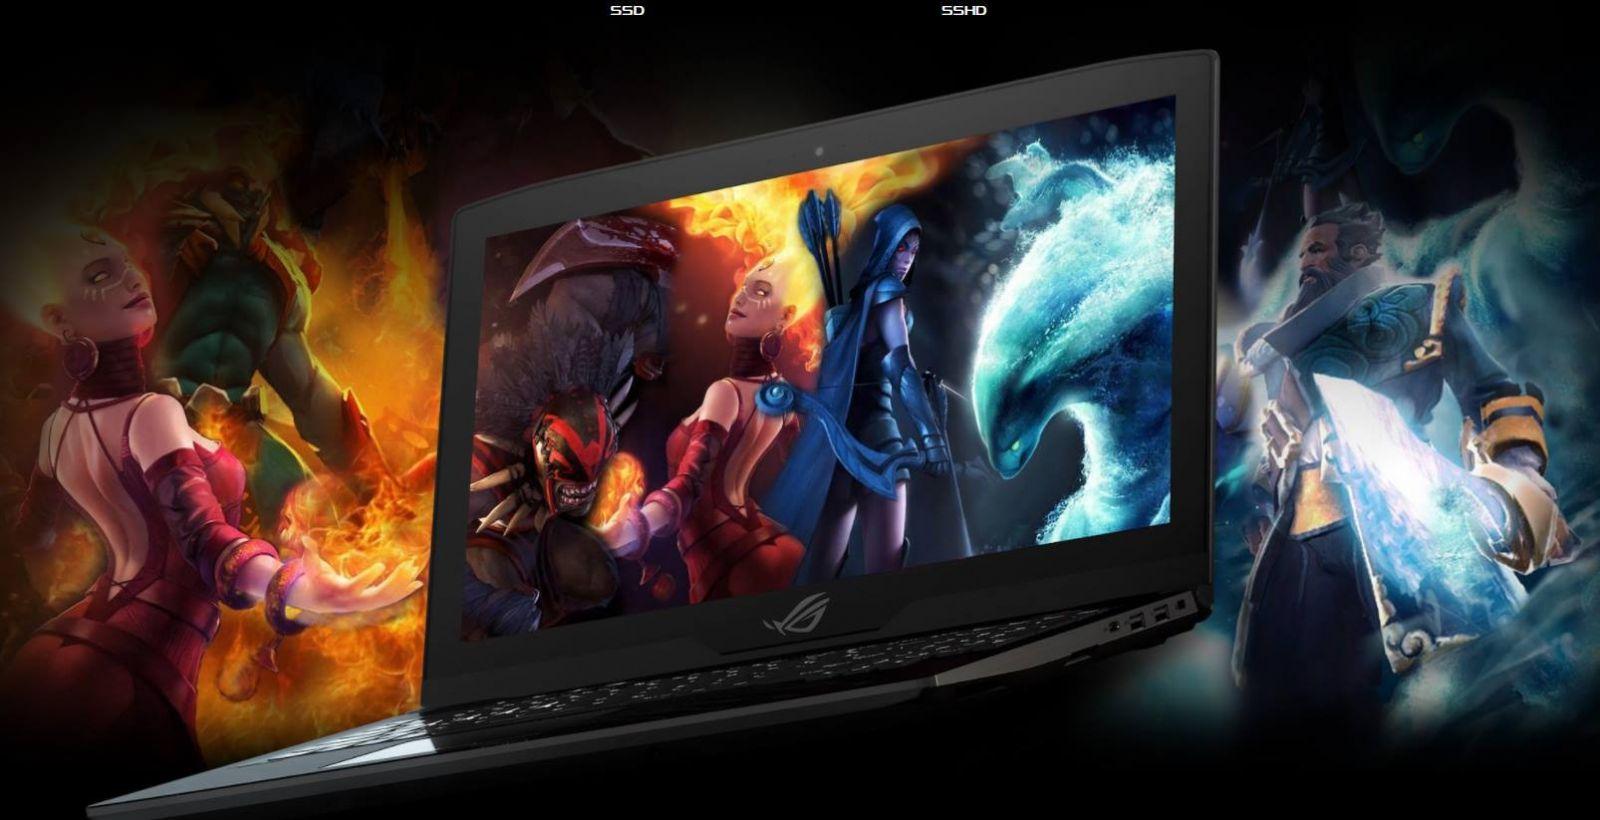 Máy xách tay/ Laptop Asus GL503VD-GZ119T (I7-7700HQ) (Đen)